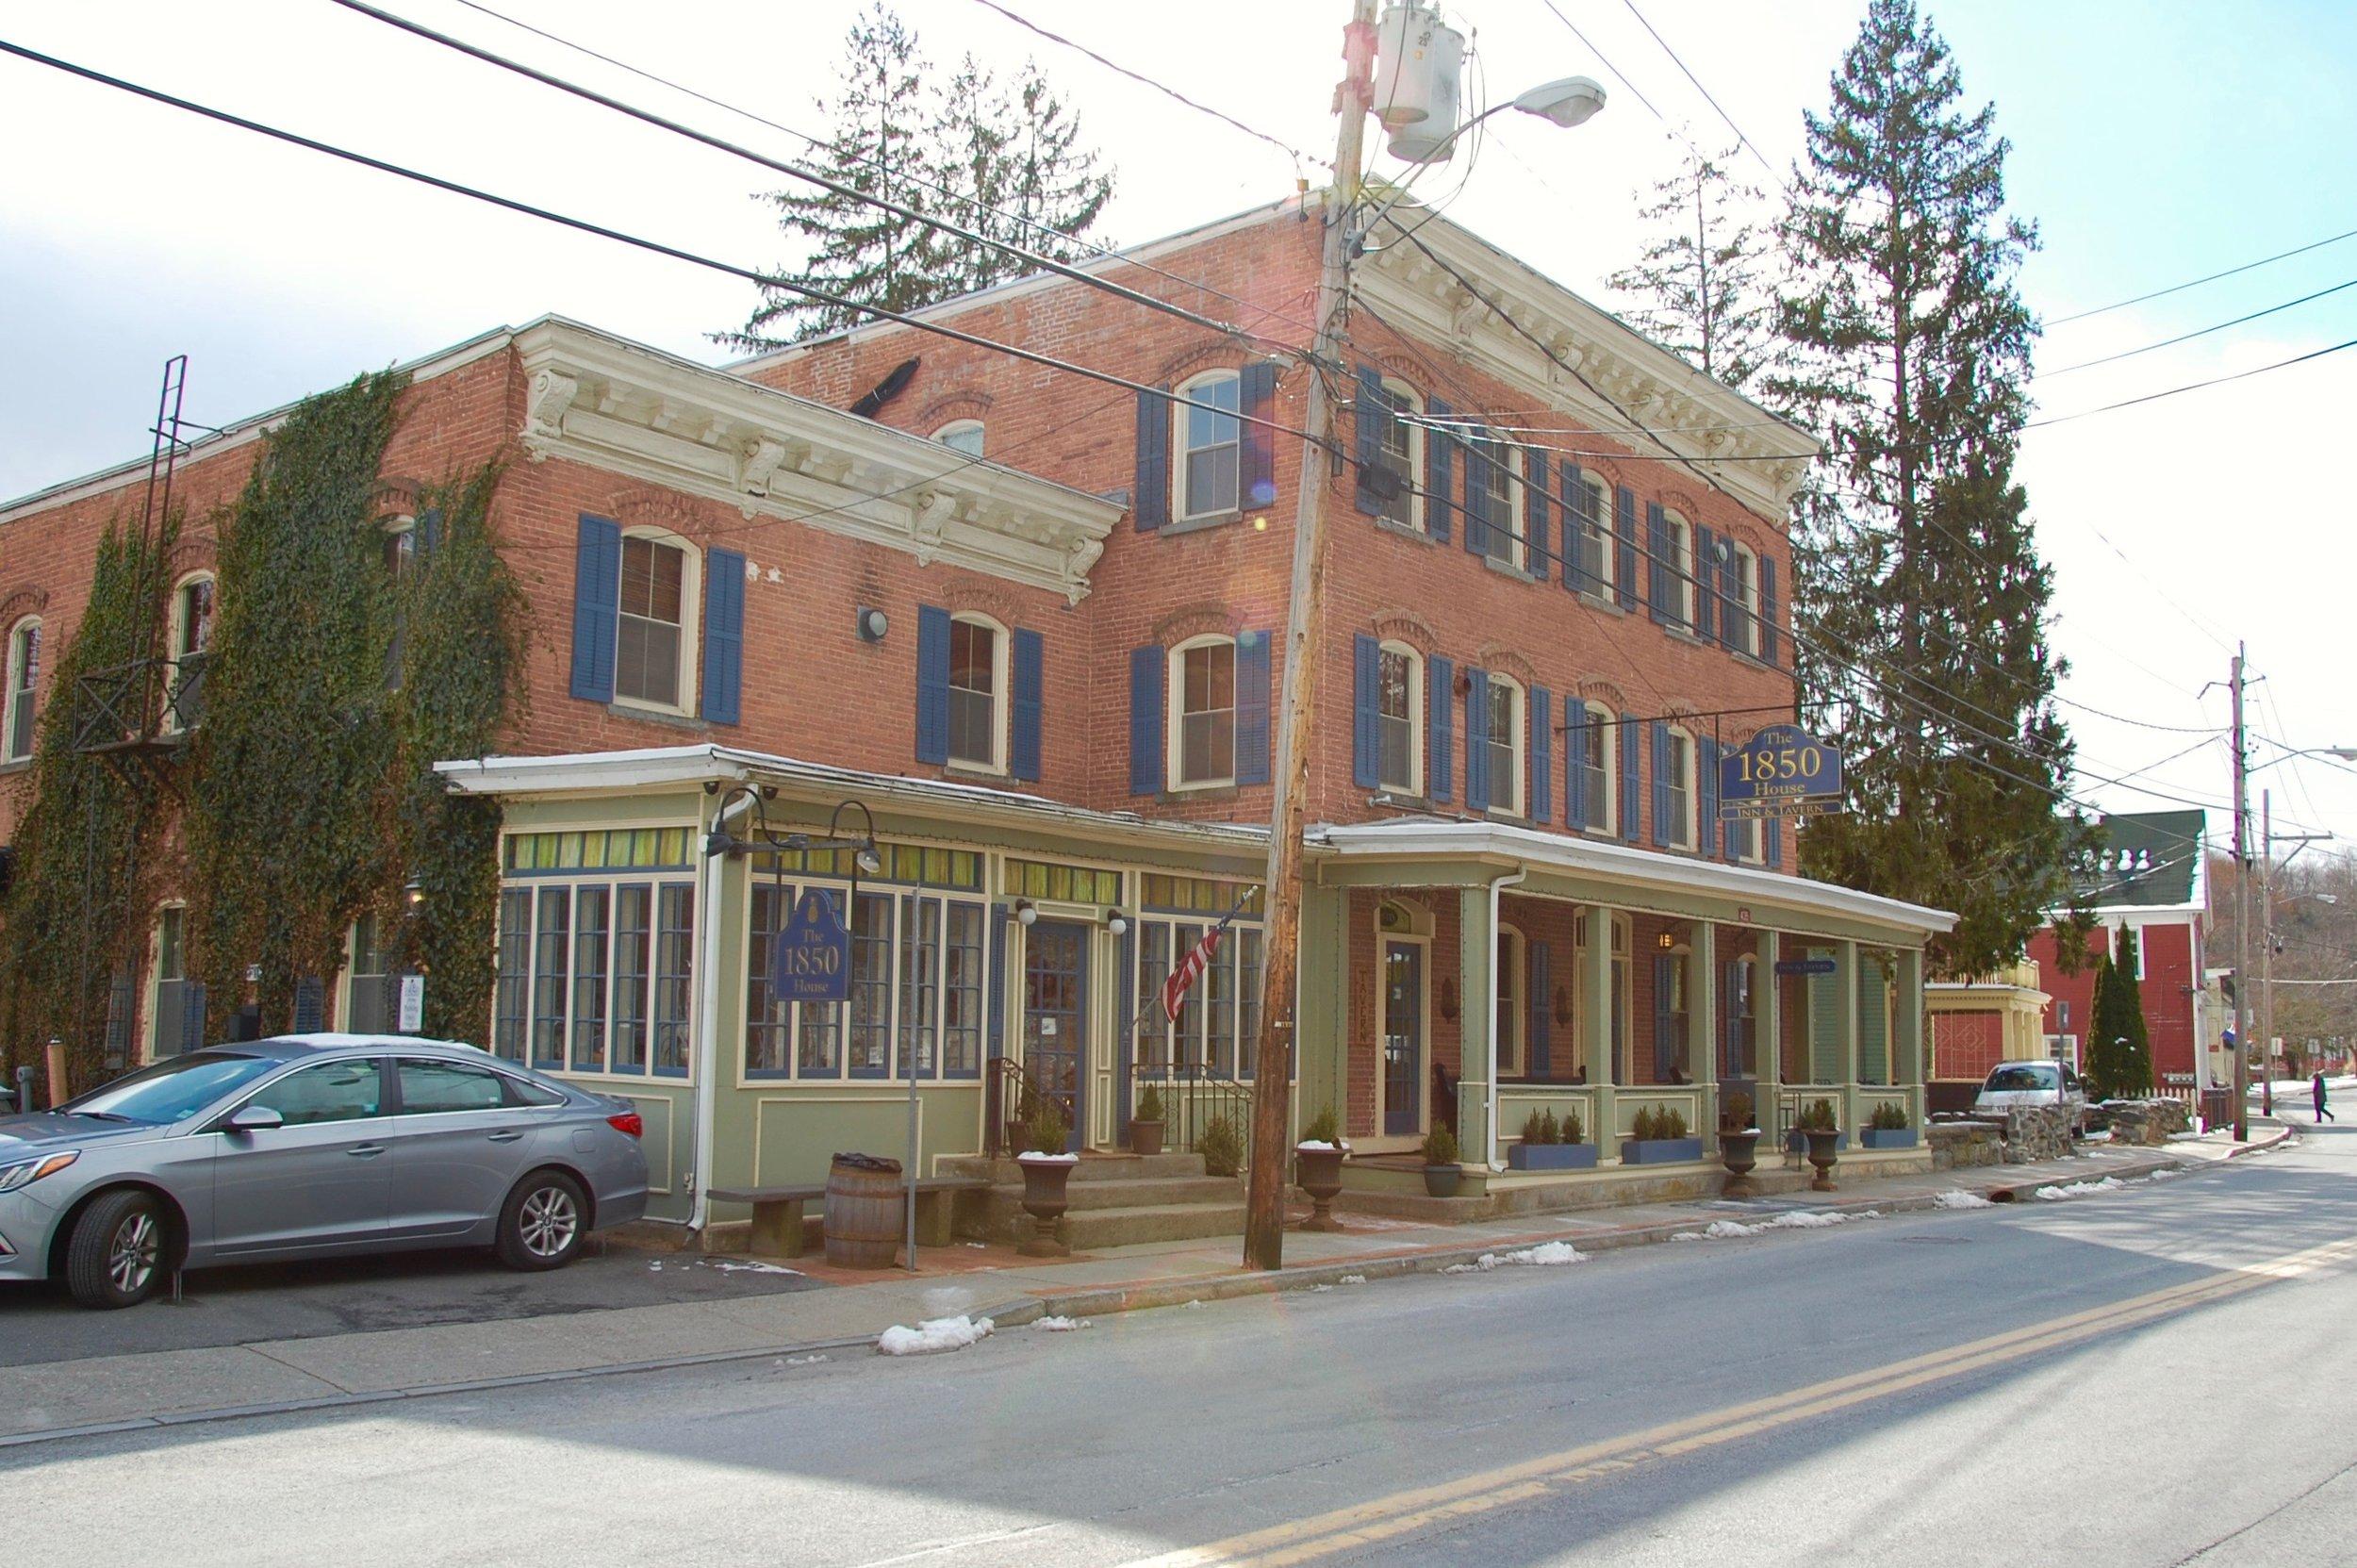 The 1850 House Inn & Tavern, Rosendale, NY